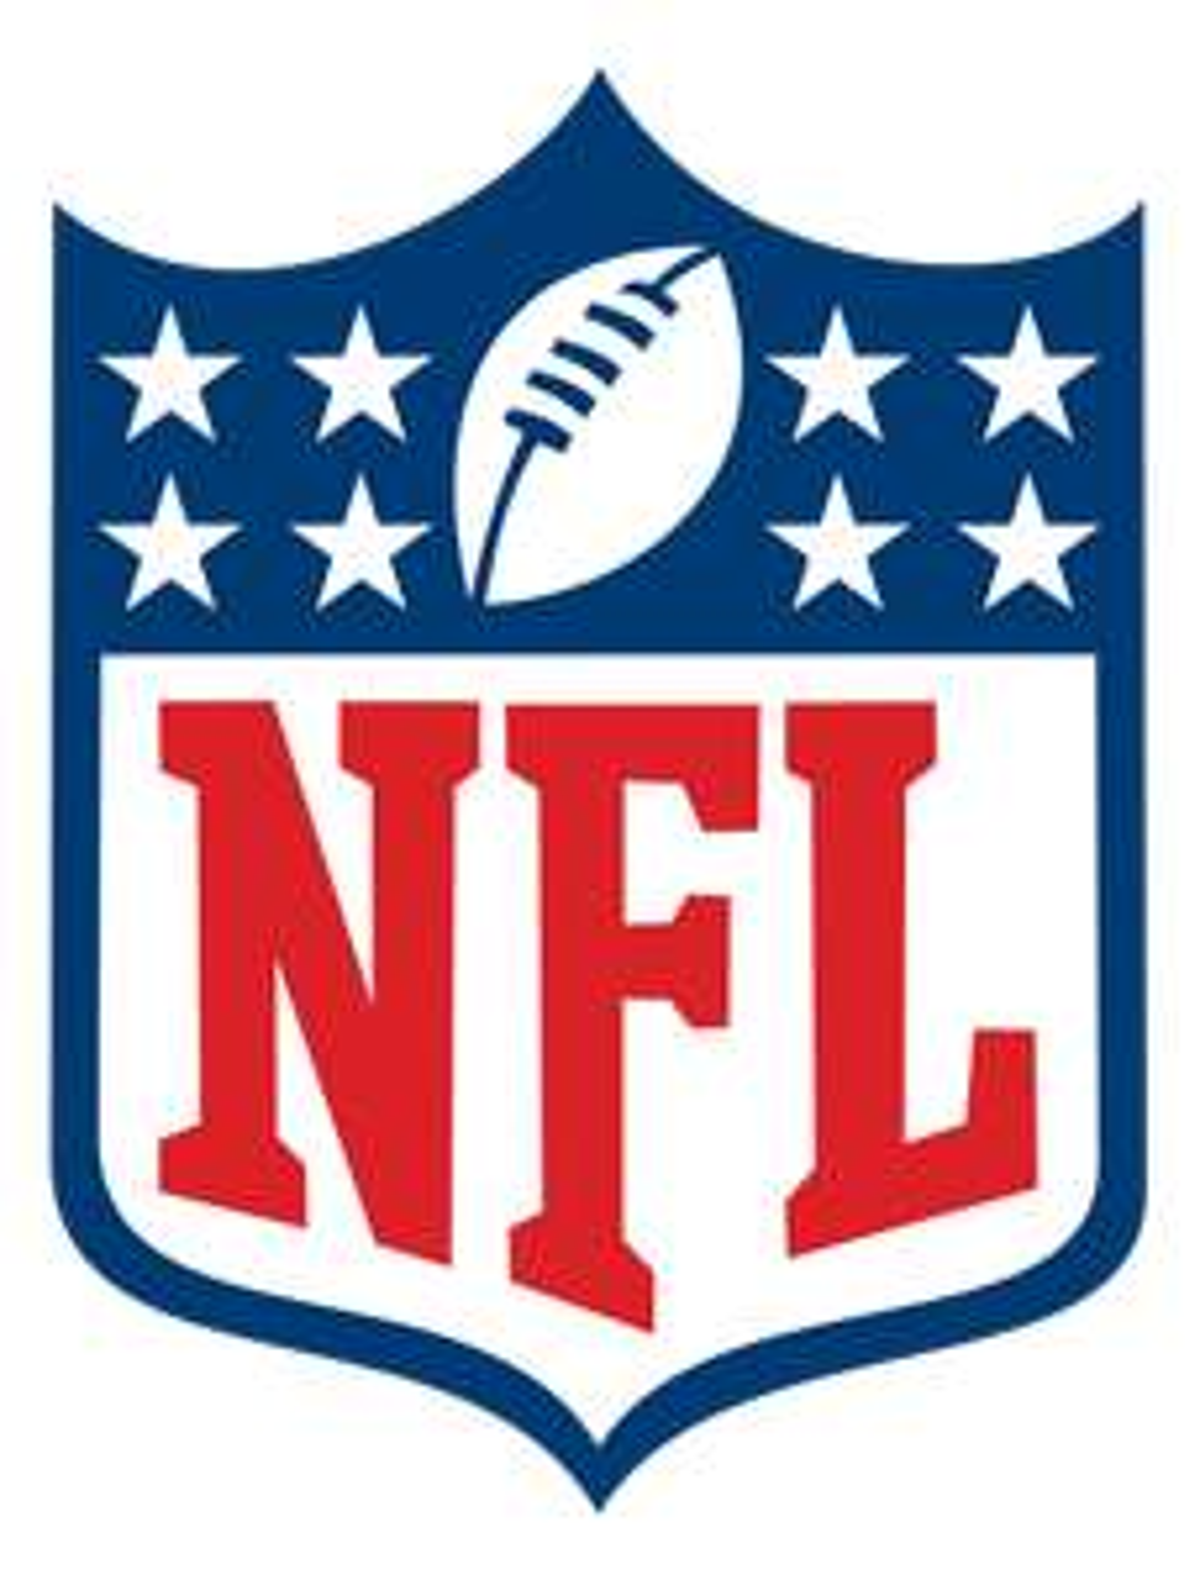 NFL Fanartikel 20% im Bildshop